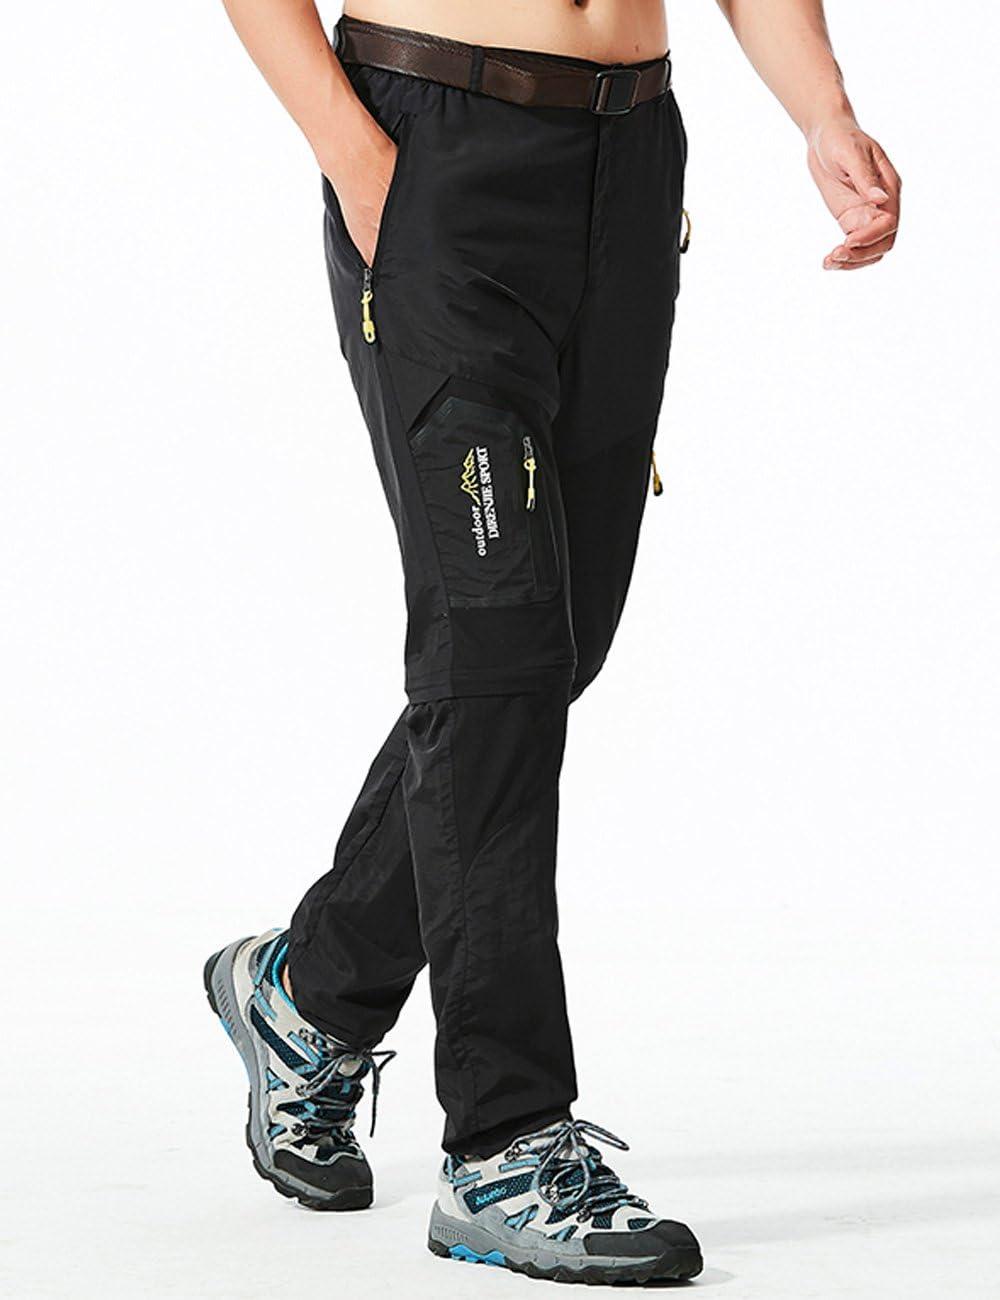 Lecoon Pantalones Hombres Largo//Corto Impermeable Senderismo T/áctico Camuflaje Secado R/ápido Fino y Transpirable para Primavera y Verano